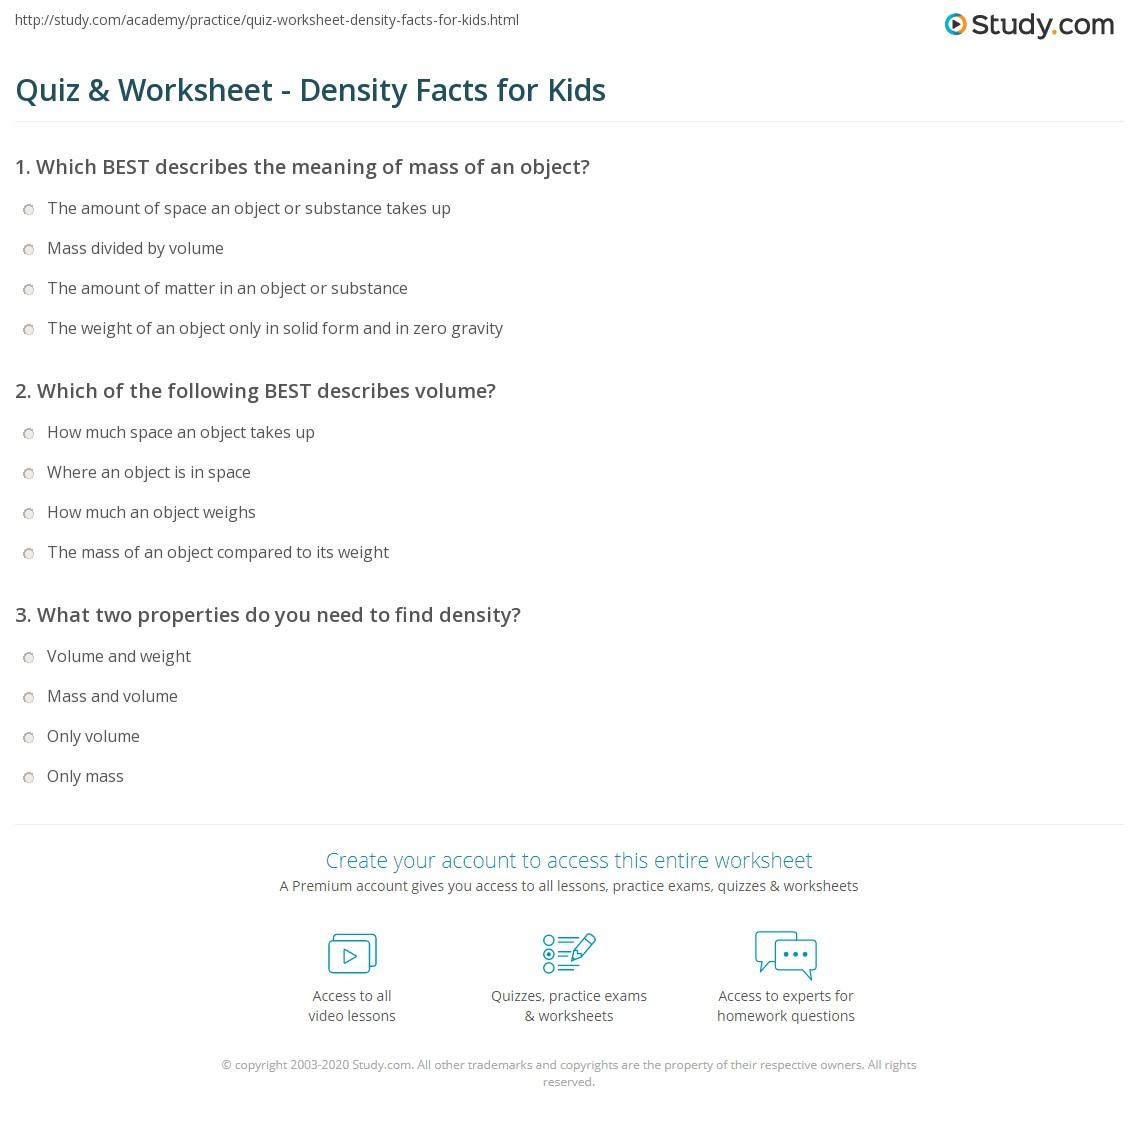 quiz worksheet density facts for kids. Black Bedroom Furniture Sets. Home Design Ideas